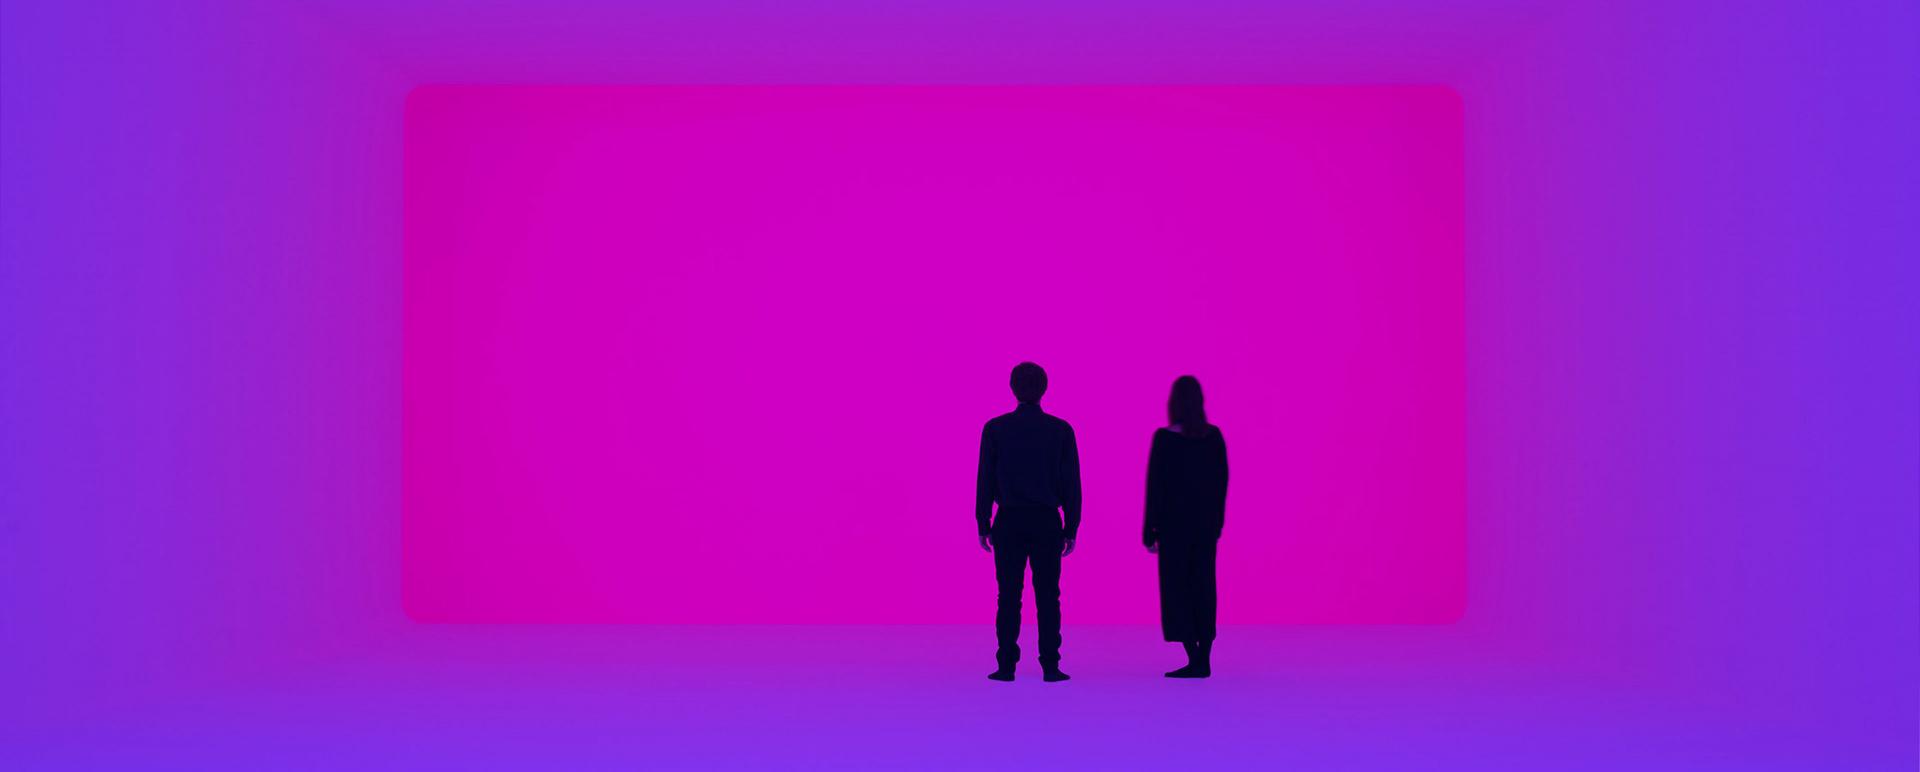 Zwei Menschen stehen in einem Raum aus blauem und violettem Licht